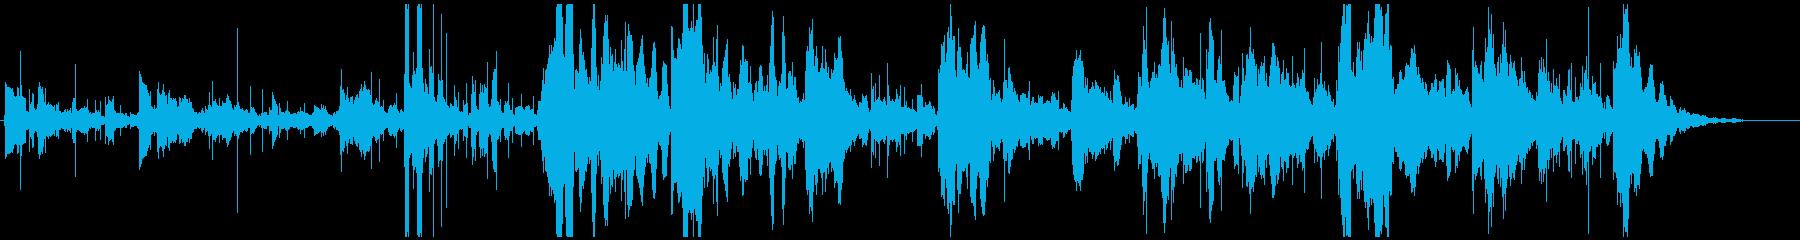 ボーッとしてしてしまうときのBGMですの再生済みの波形